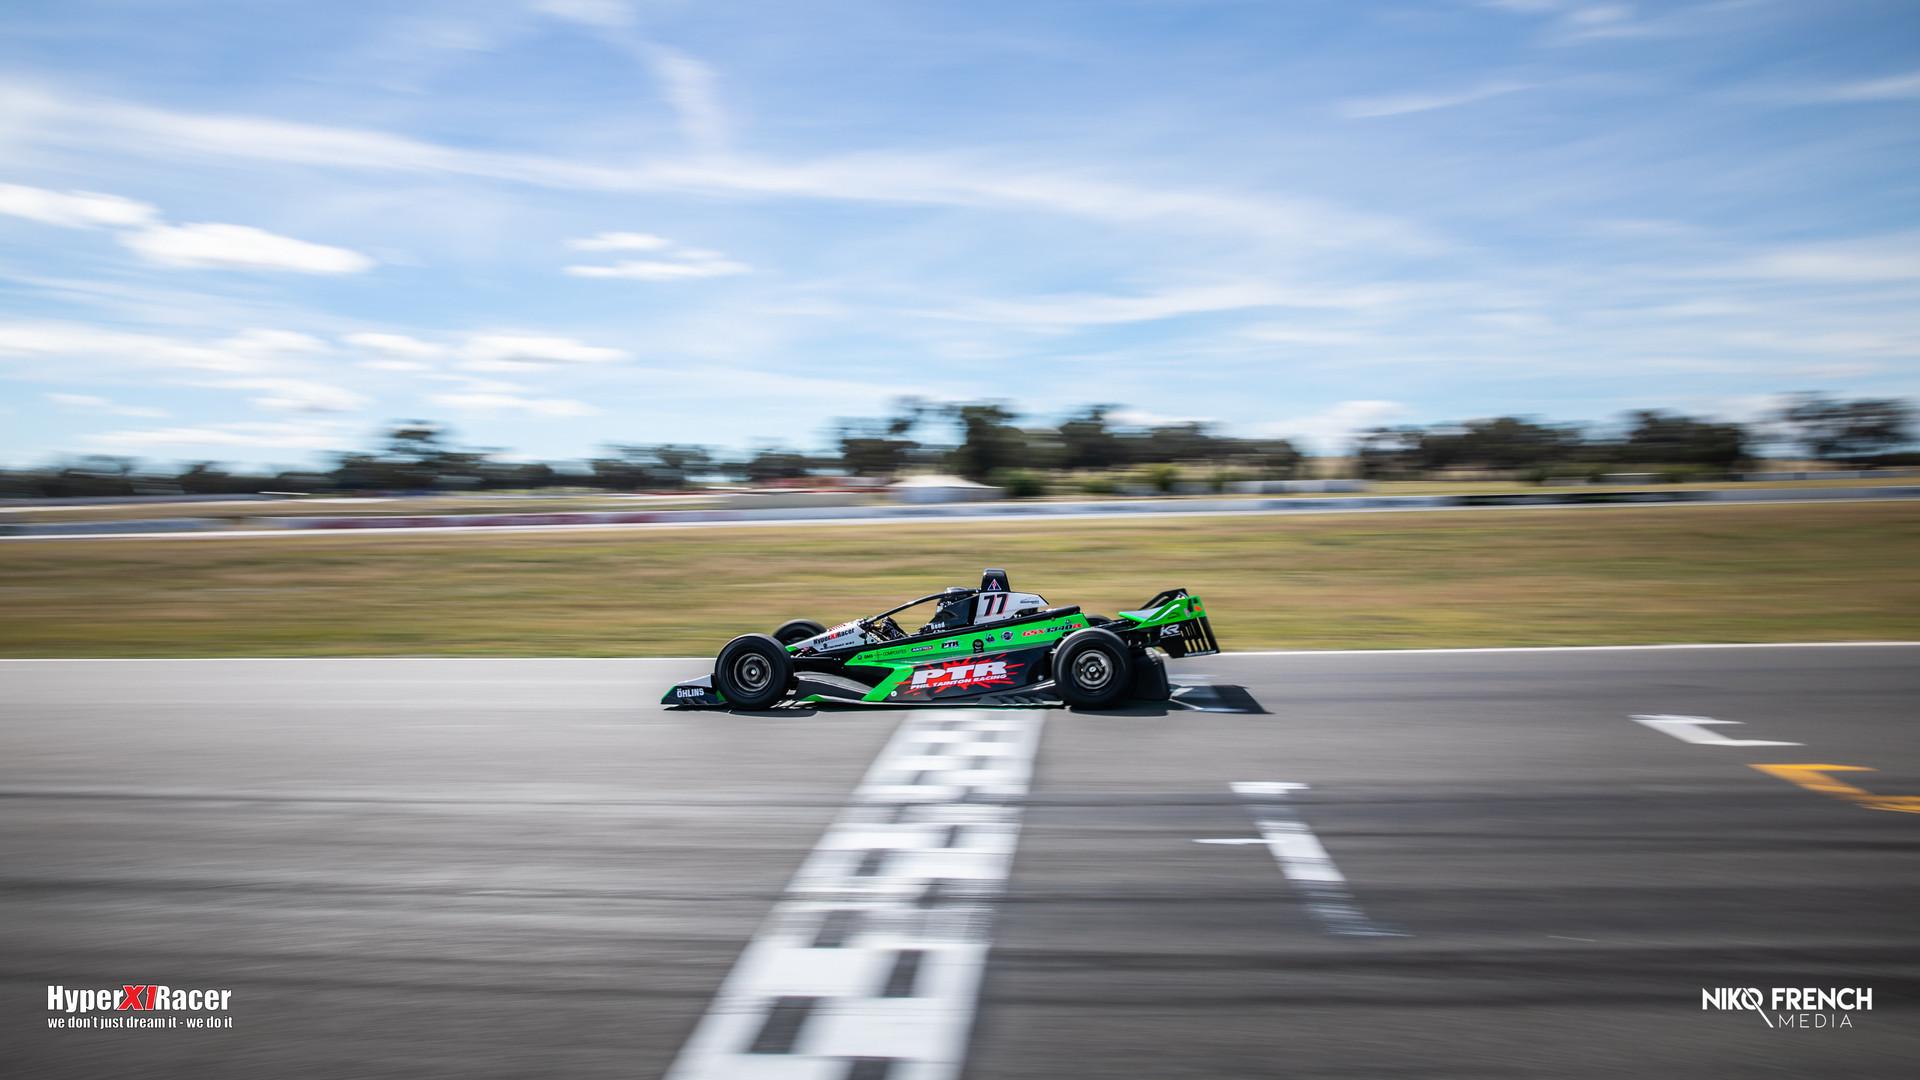 Hyper Racer wallpaper04.jpg